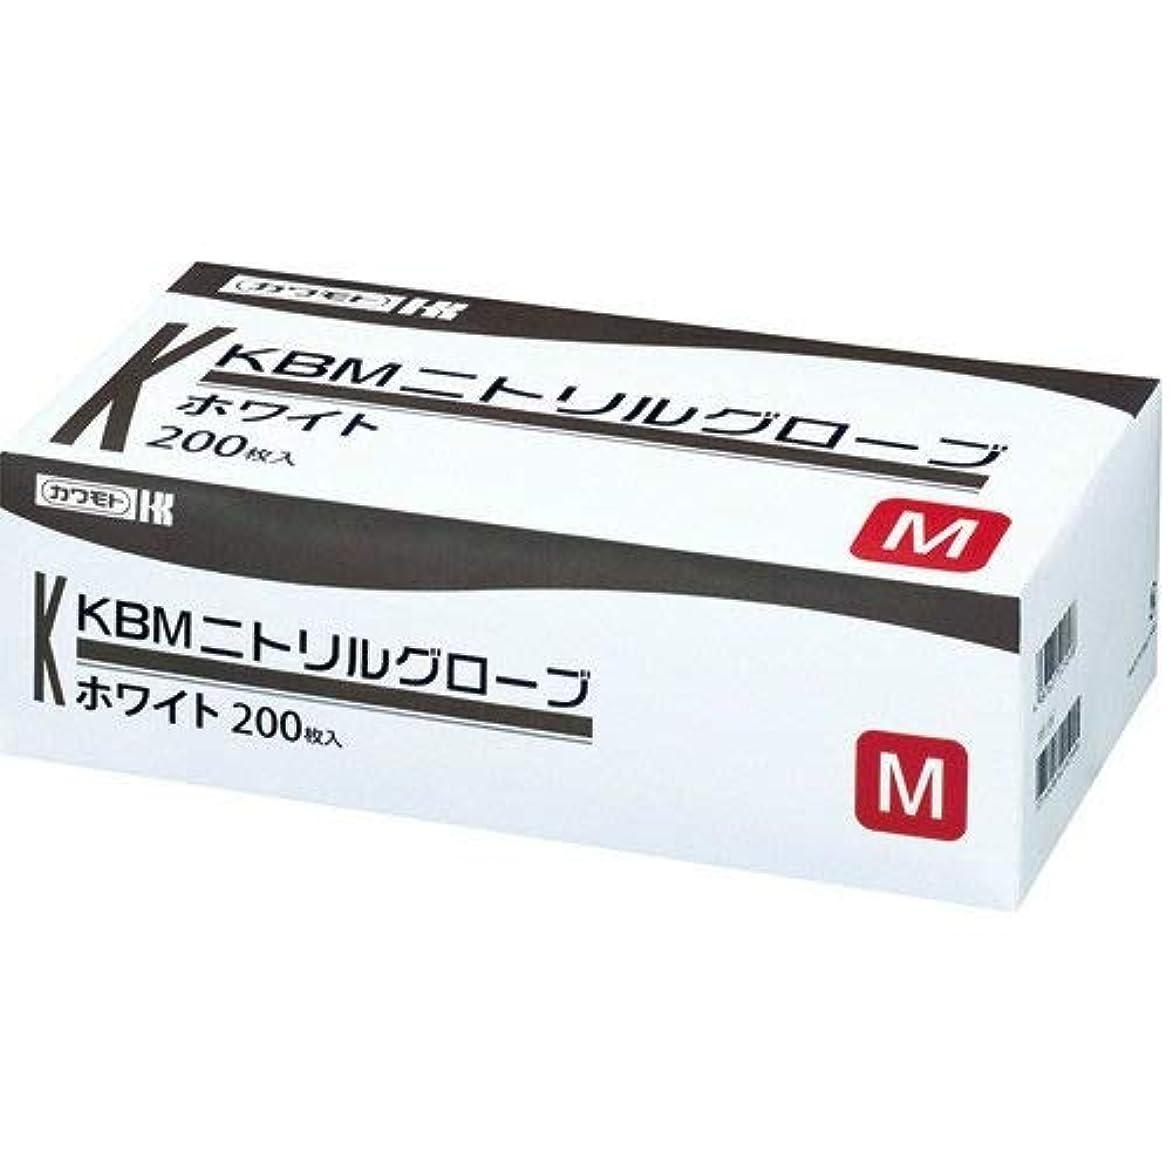 強化する支払う良性川本産業 カワモト ニトリルグローブ ホワイト M 200枚入